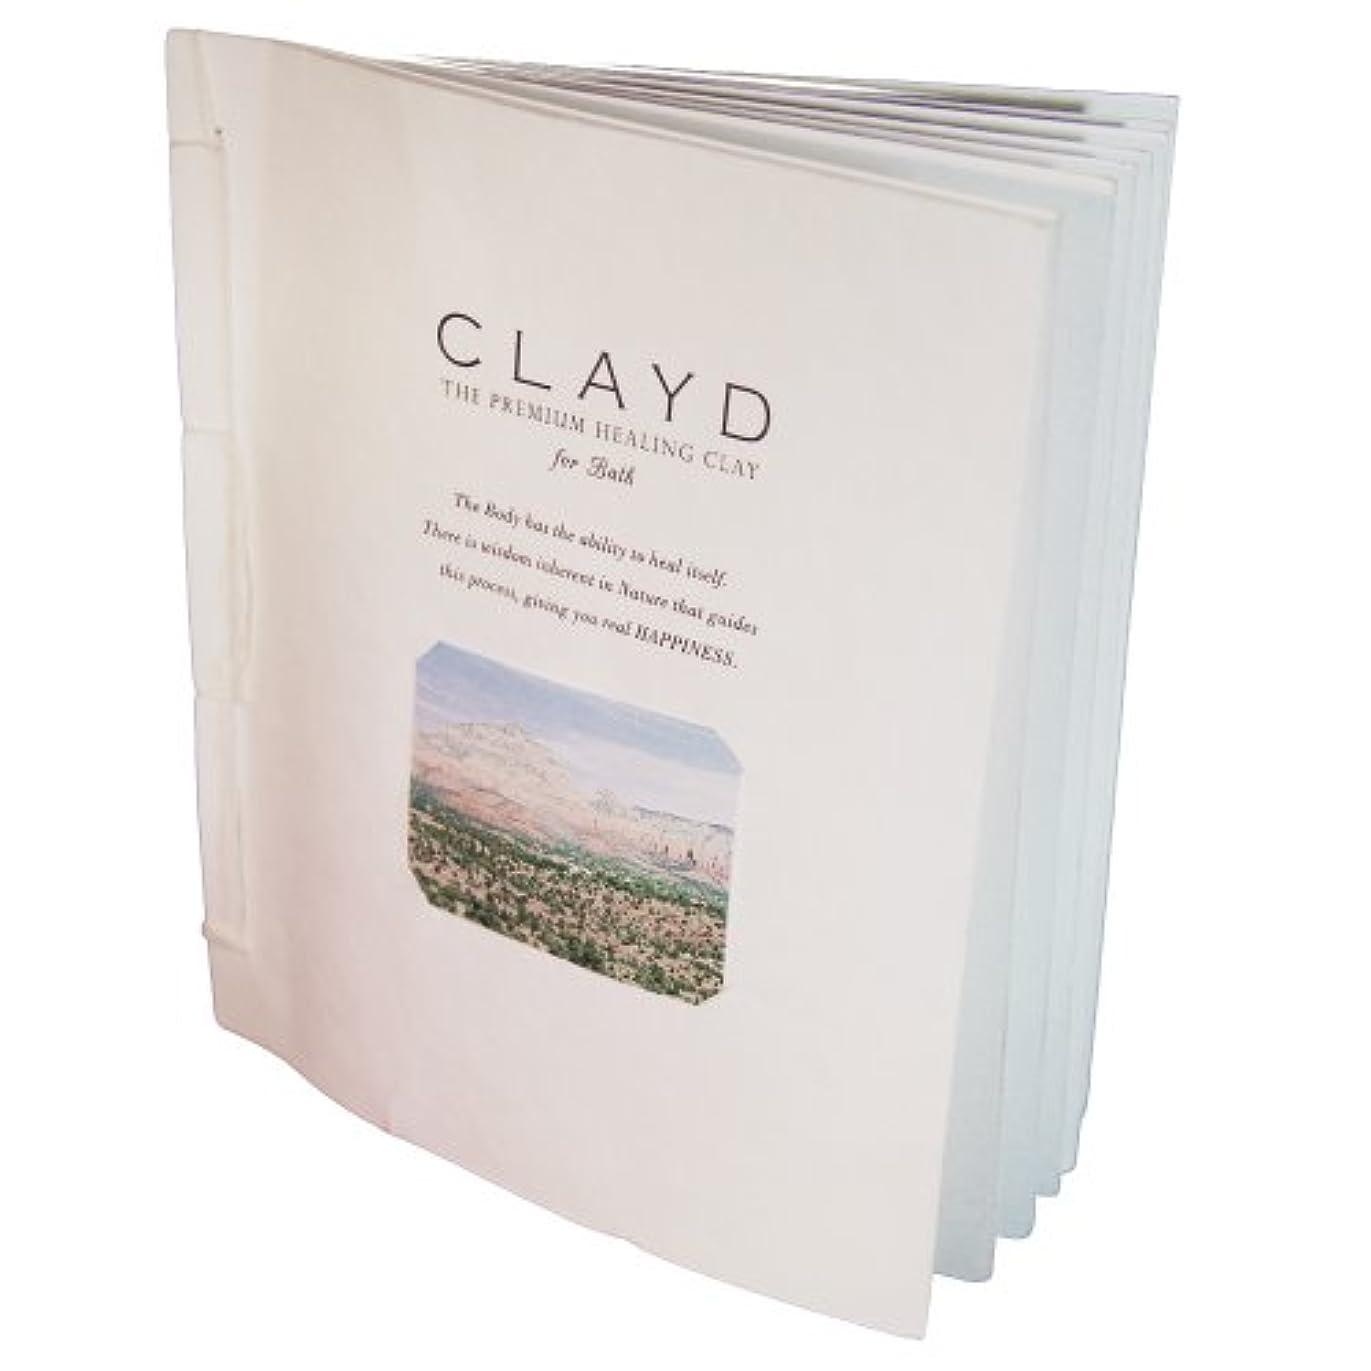 入る差し迫った印をつけるクレイド WEEK BOOK 30g×7包